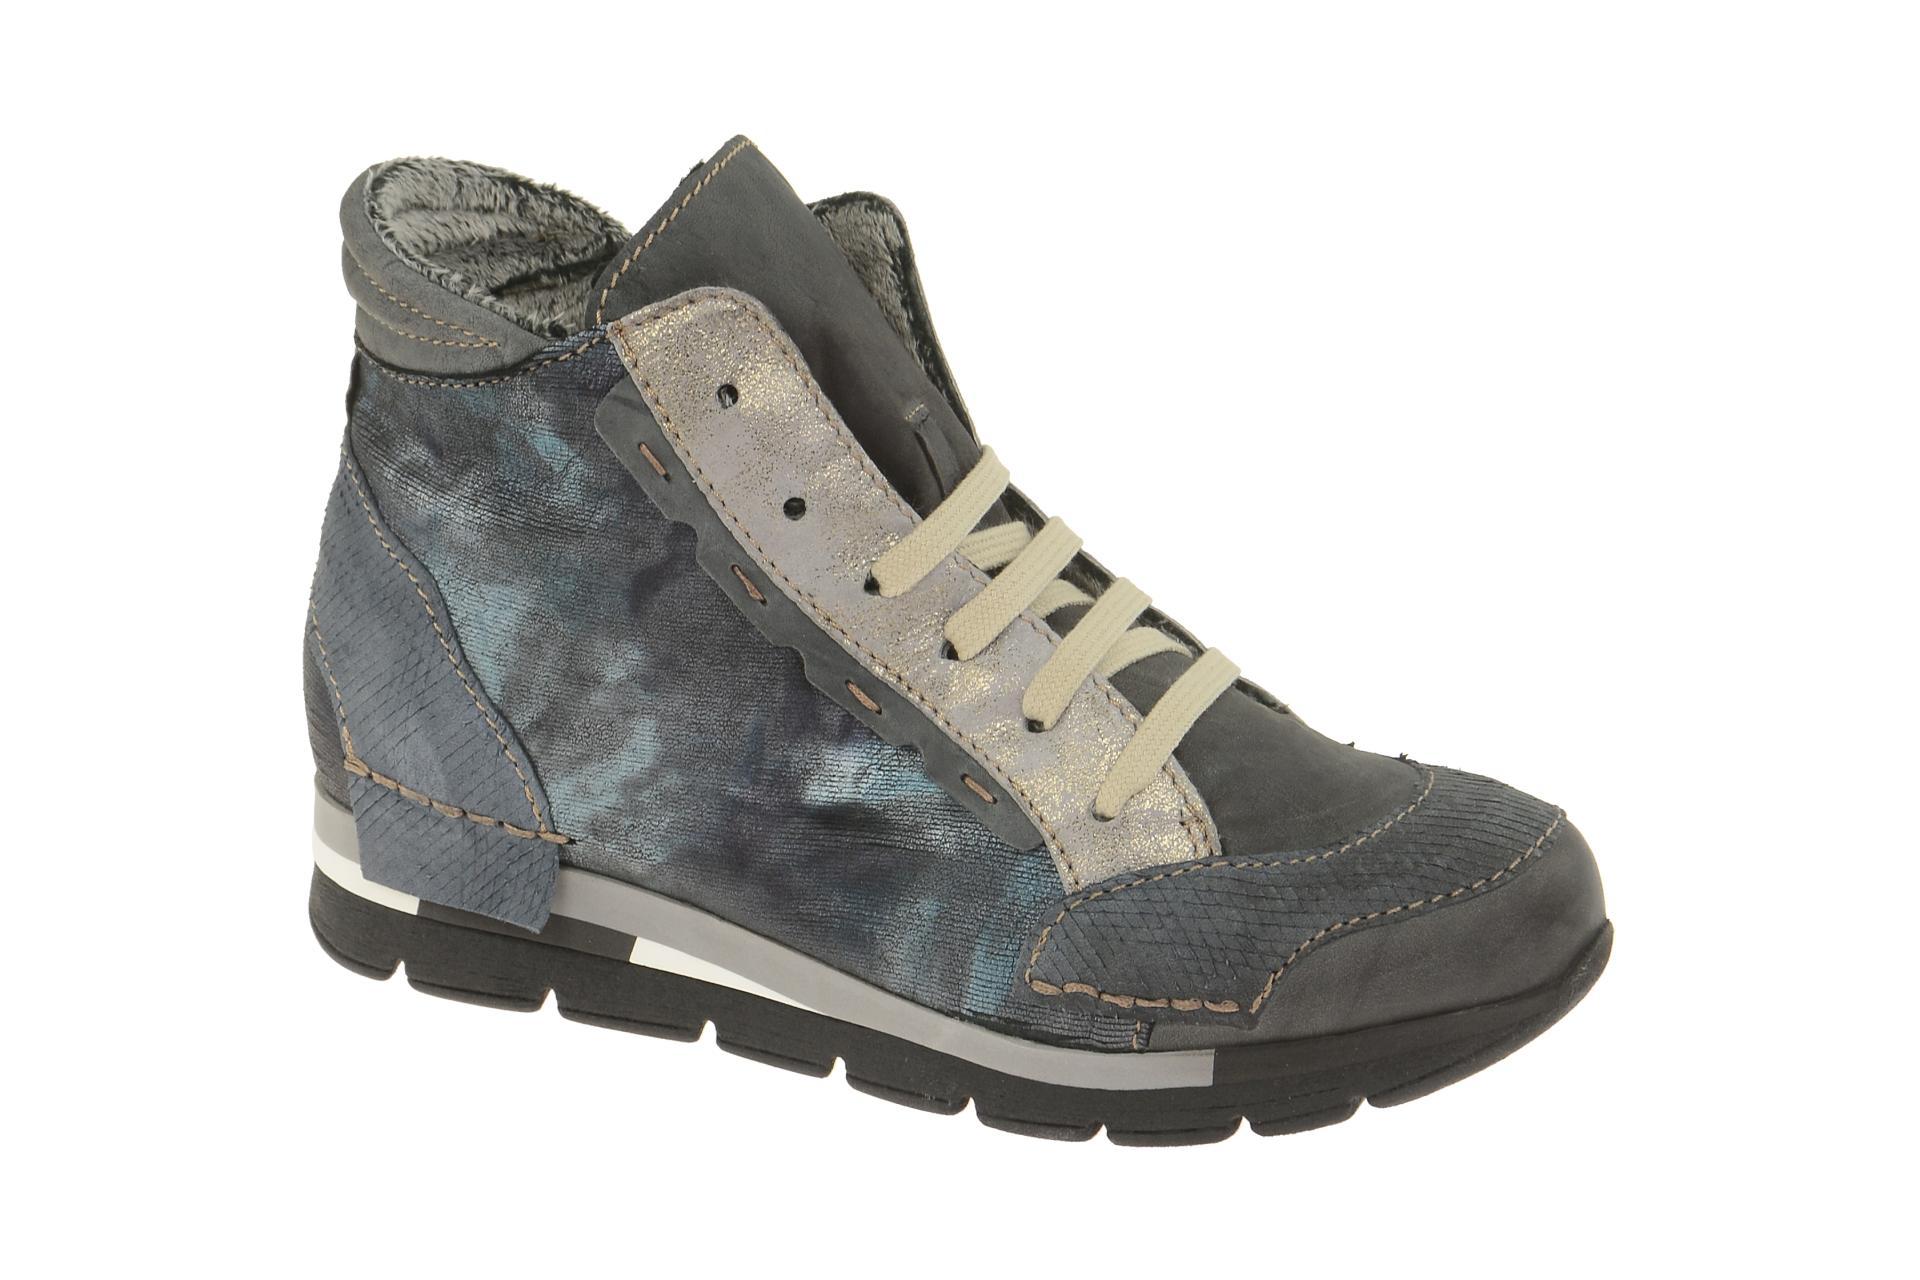 Charme Schuhe 1110L grau Stiefeletten 1110L Winterstiefelette Damen E2IHY9WD